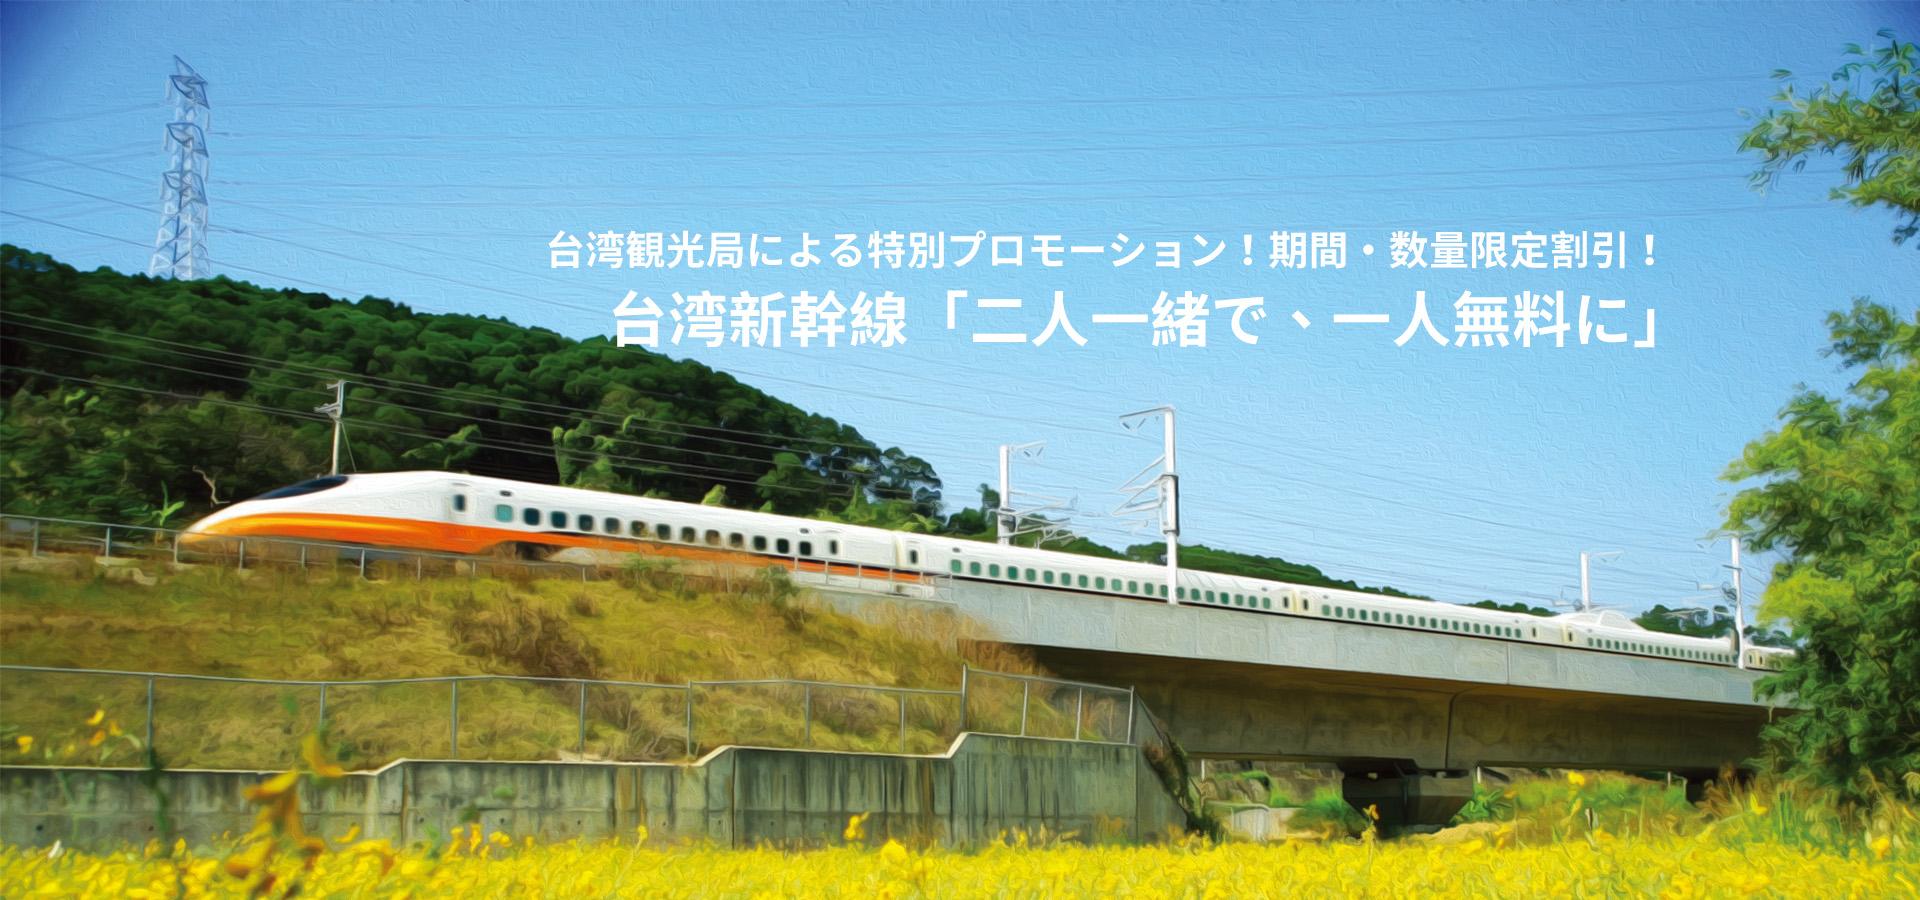 台湾新幹線「二人一緒で、一人無料に」